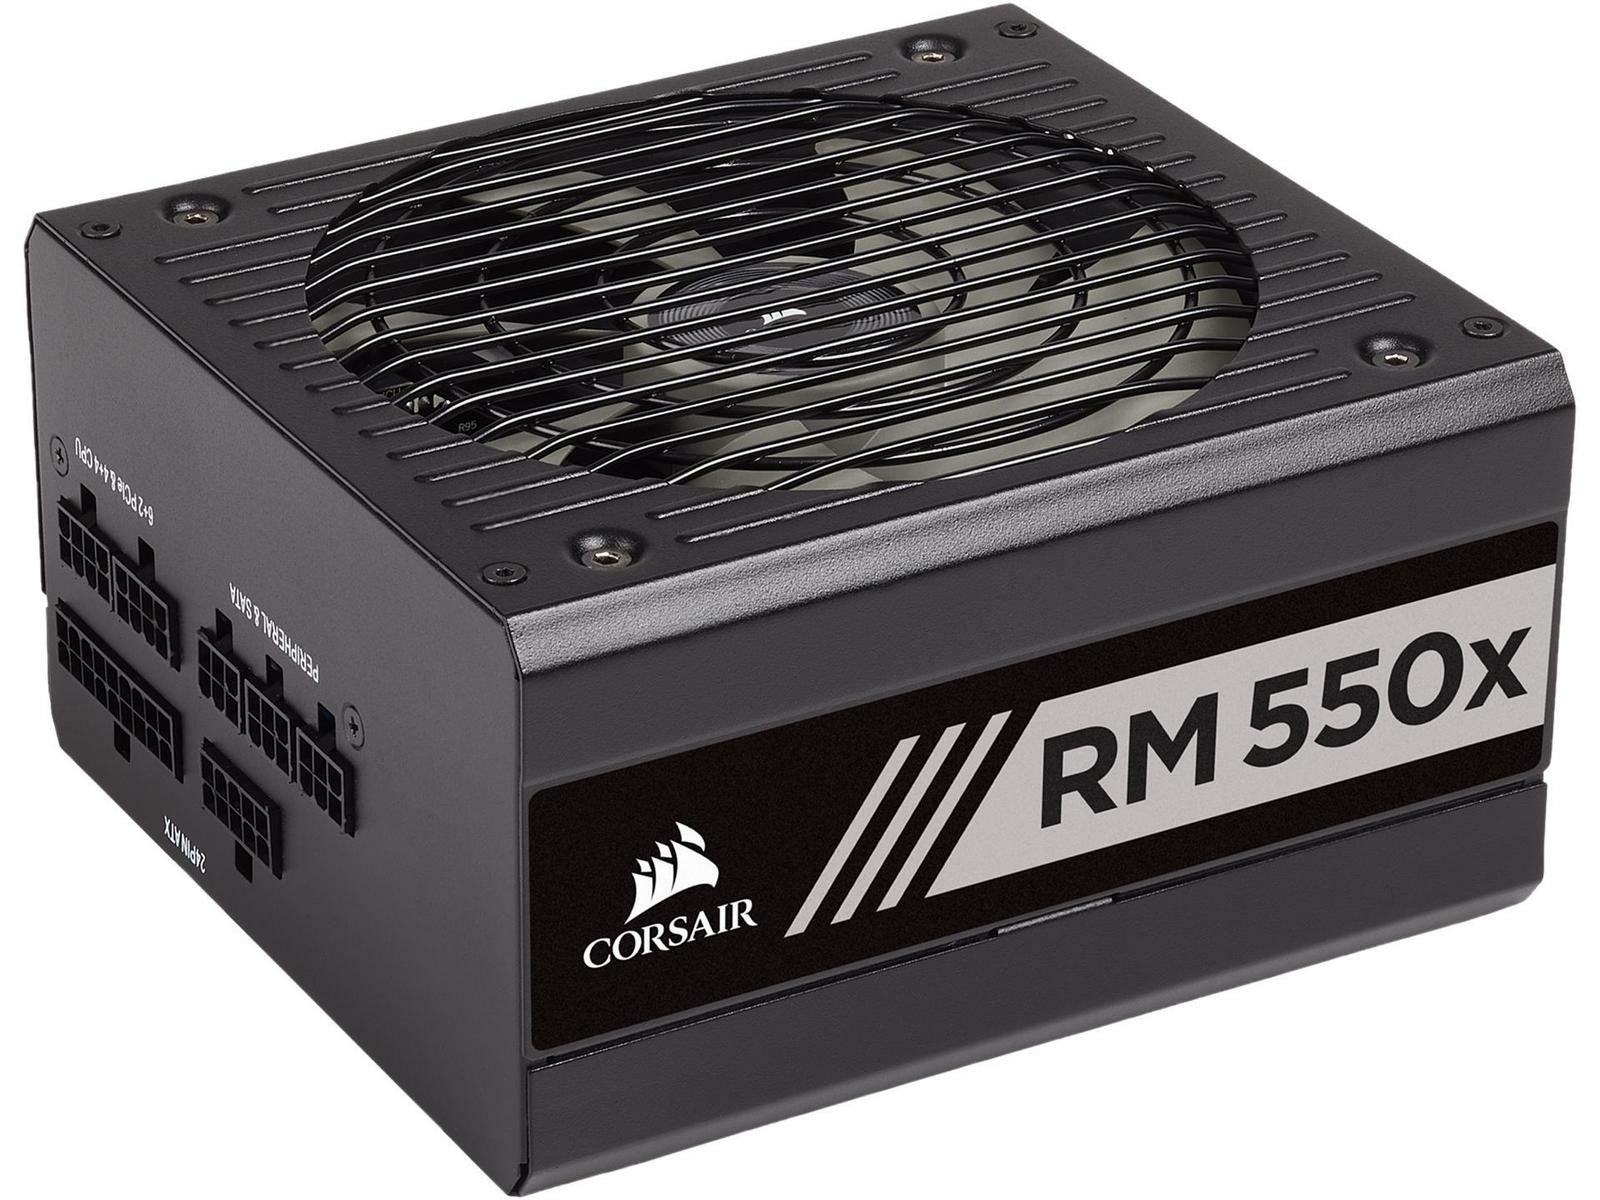 Alimentation PC modulaire Corsair RM550x - 550 Watt, 80 PLUS Gold, Noir